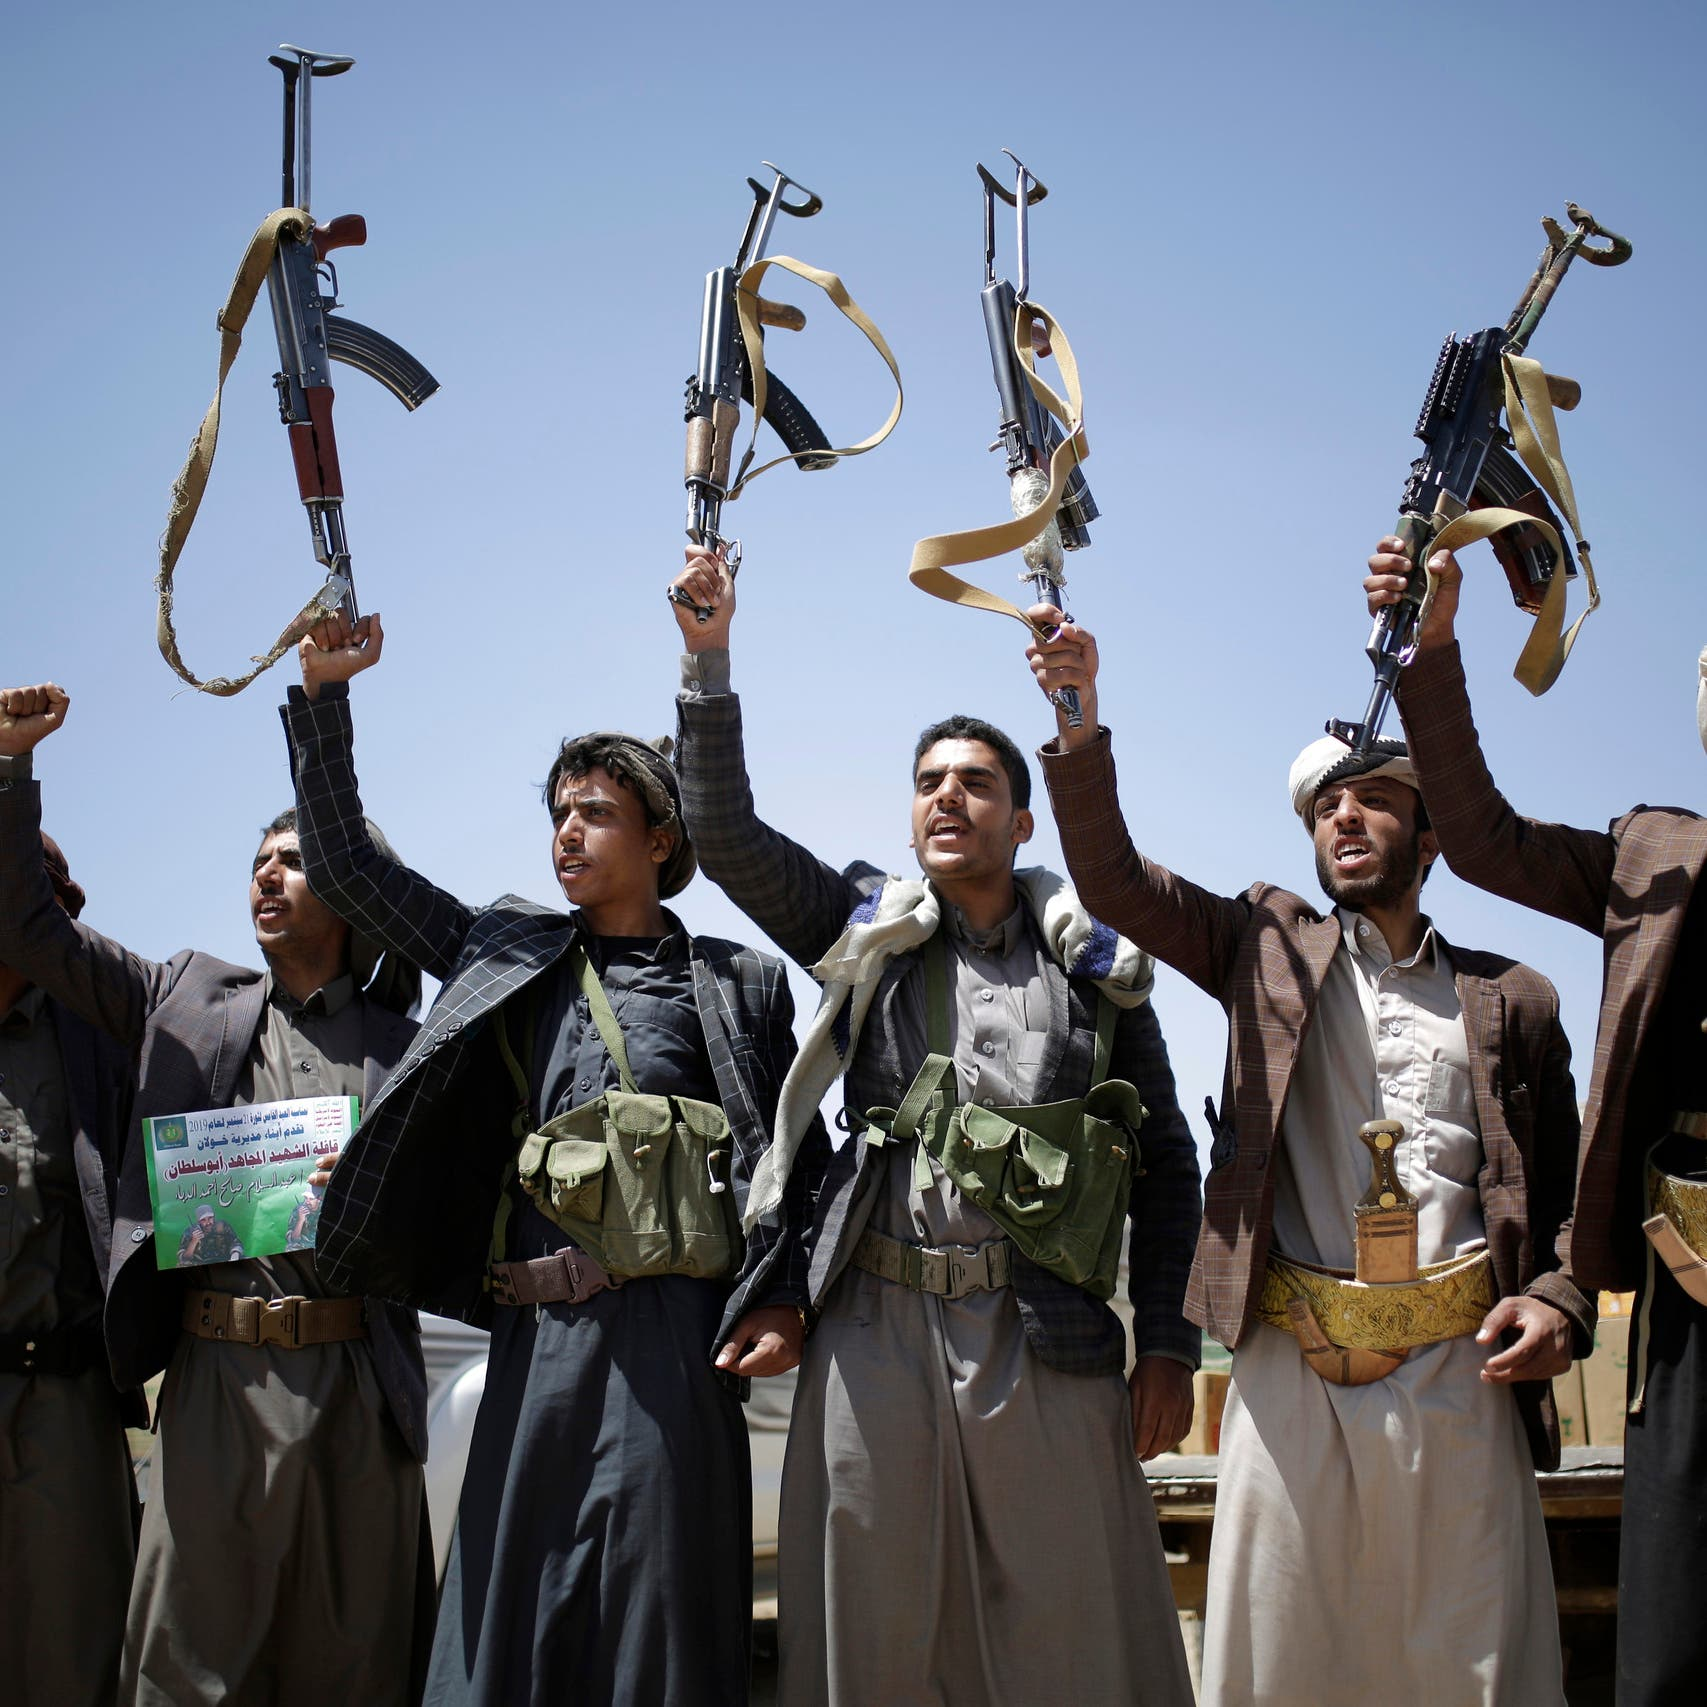 جرائم مرعبة.. انتهاكات وتعذيب للمعتقلات في سجون الحوثي